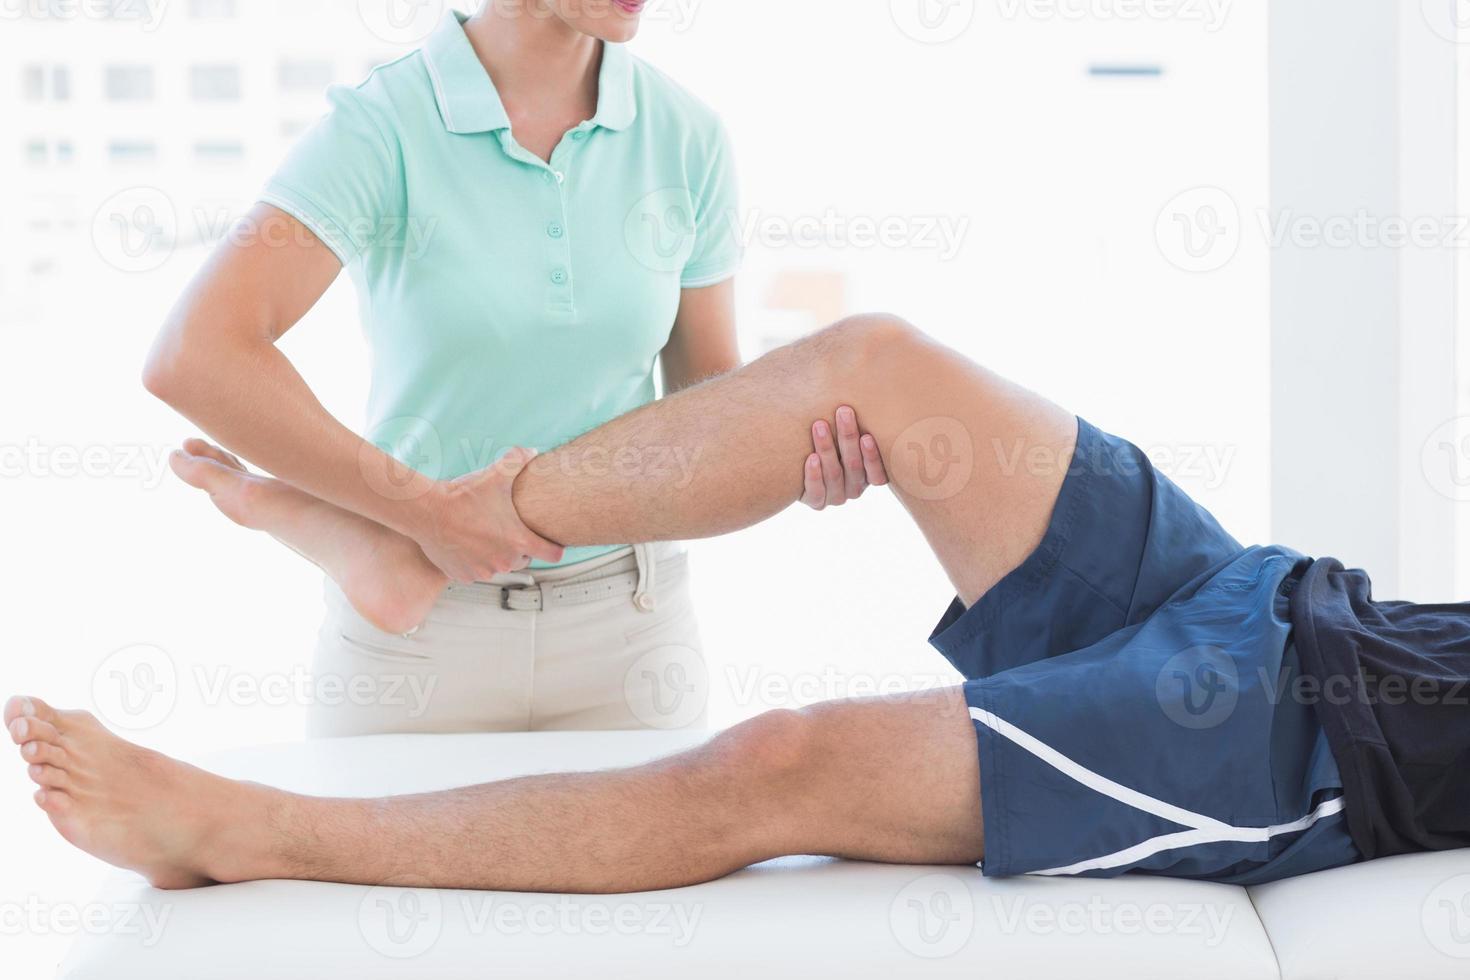 médico examinando la pierna del hombre foto